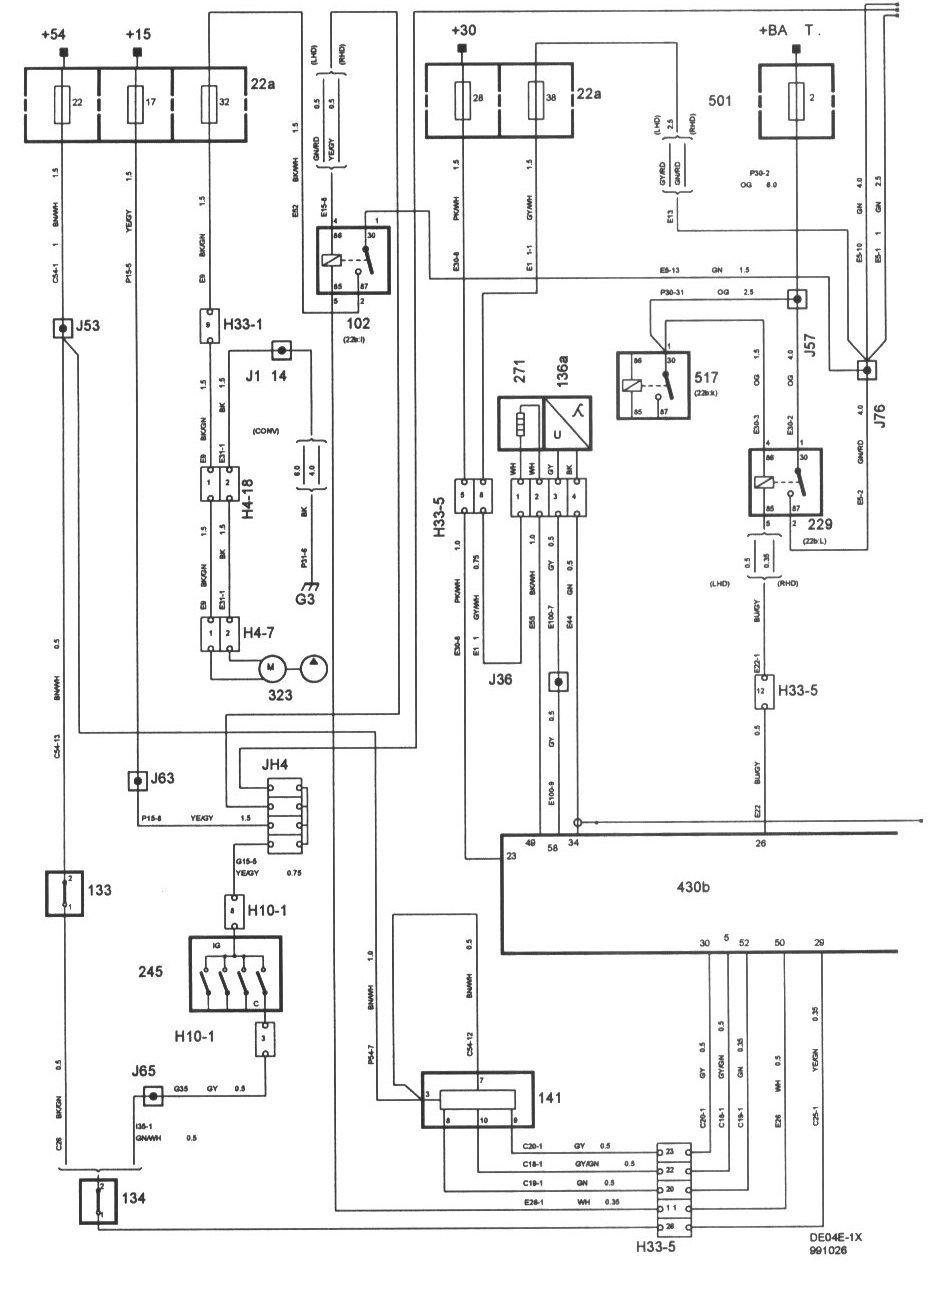 saab 900 turbo wiring diagram - 1995 ford e150 wiring diagram -  contuor.yenpancane.jeanjaures37.fr  wiring diagram resource